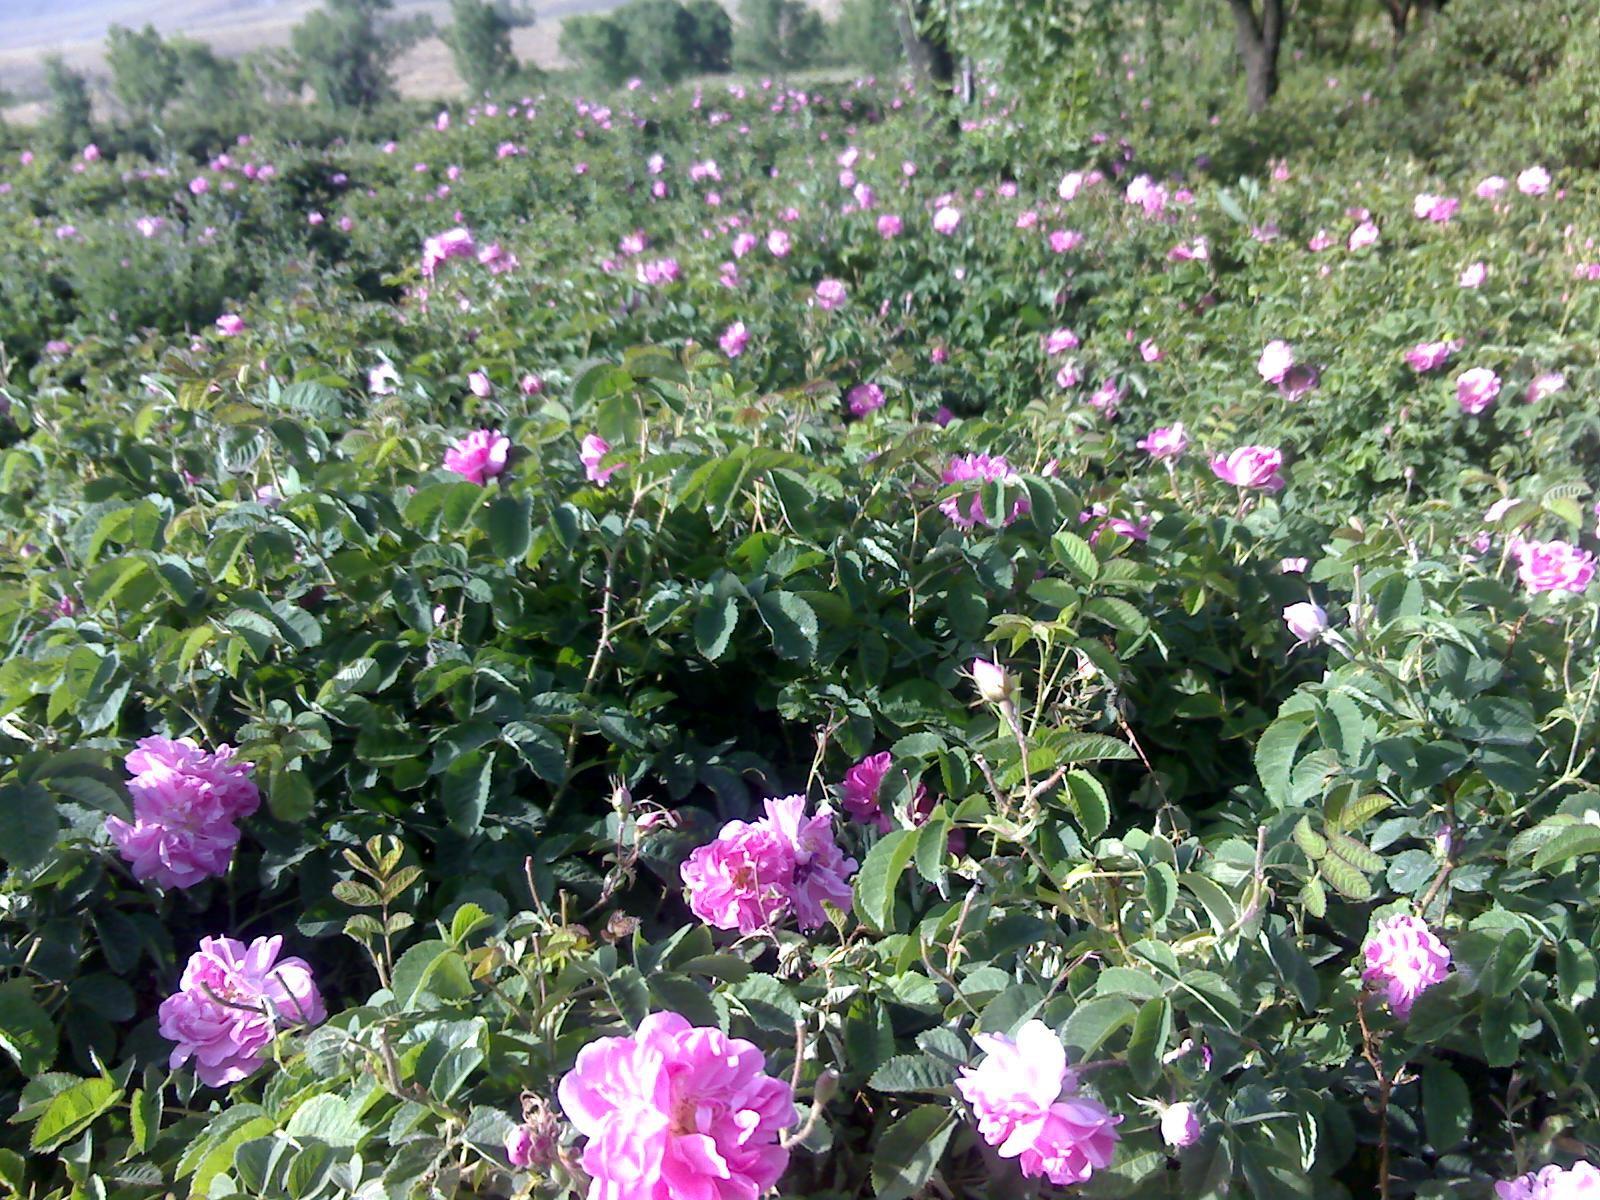 کشت  انبوه گل محمدی در زمین های کشاورزی نجف آباد  در دست مطالعه و بررسی است